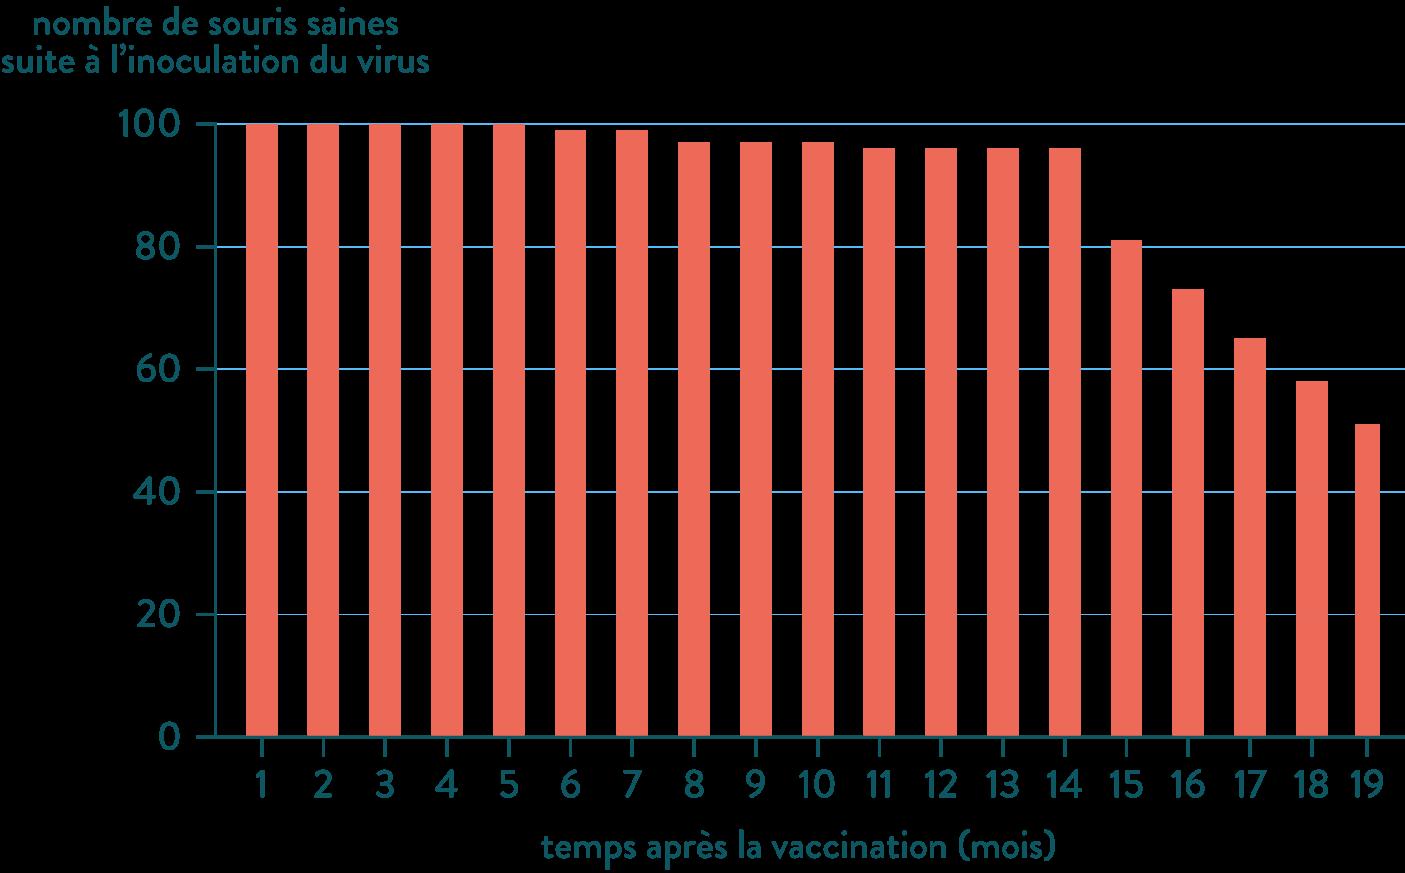 Nombre de souris saines vaccination-svt-terminale-s-schoolmouv